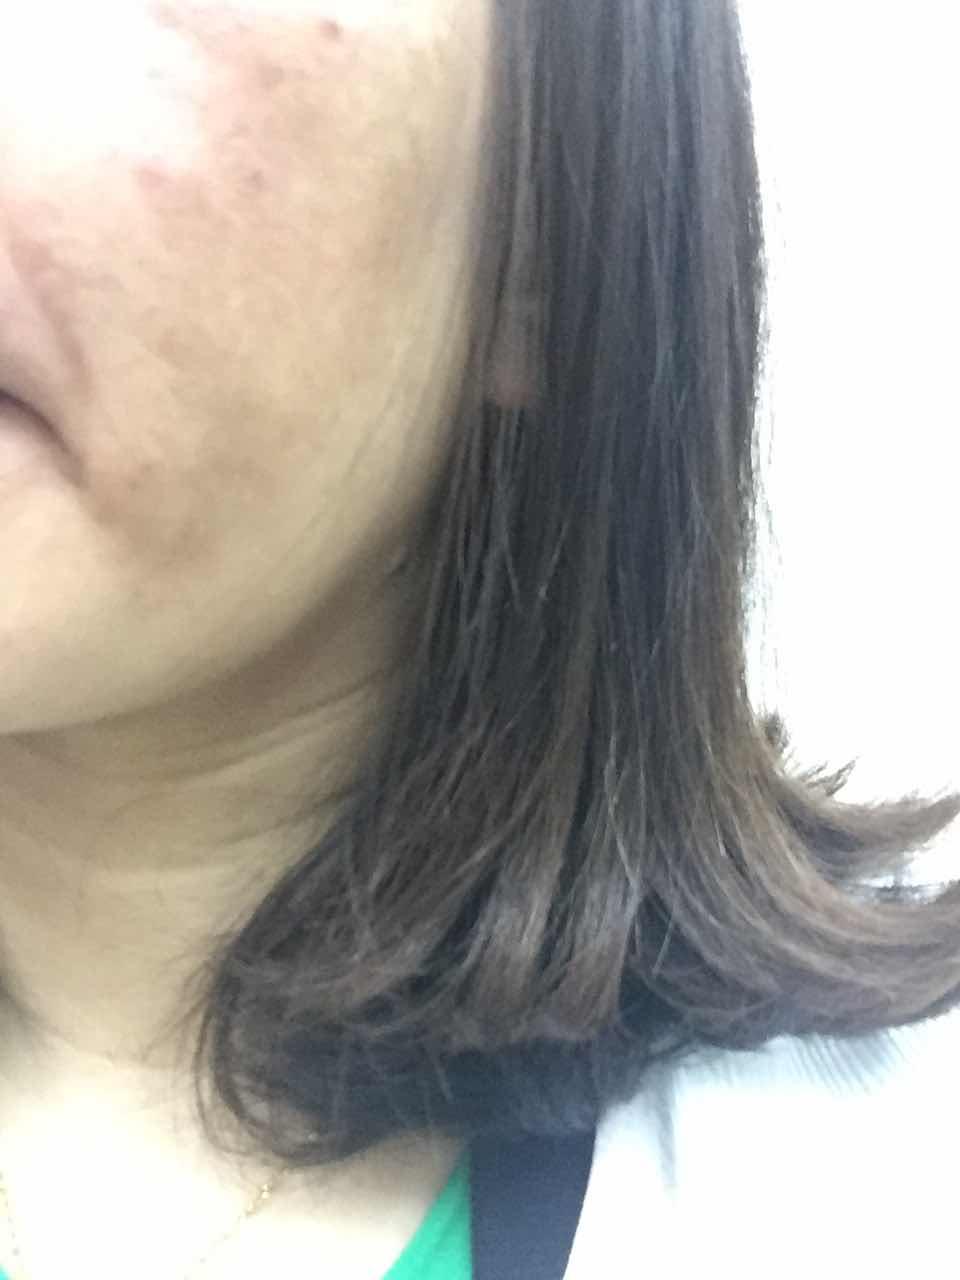 黄褐斑怎么去除,黄褐斑可以治疗吗,用那种方法良好